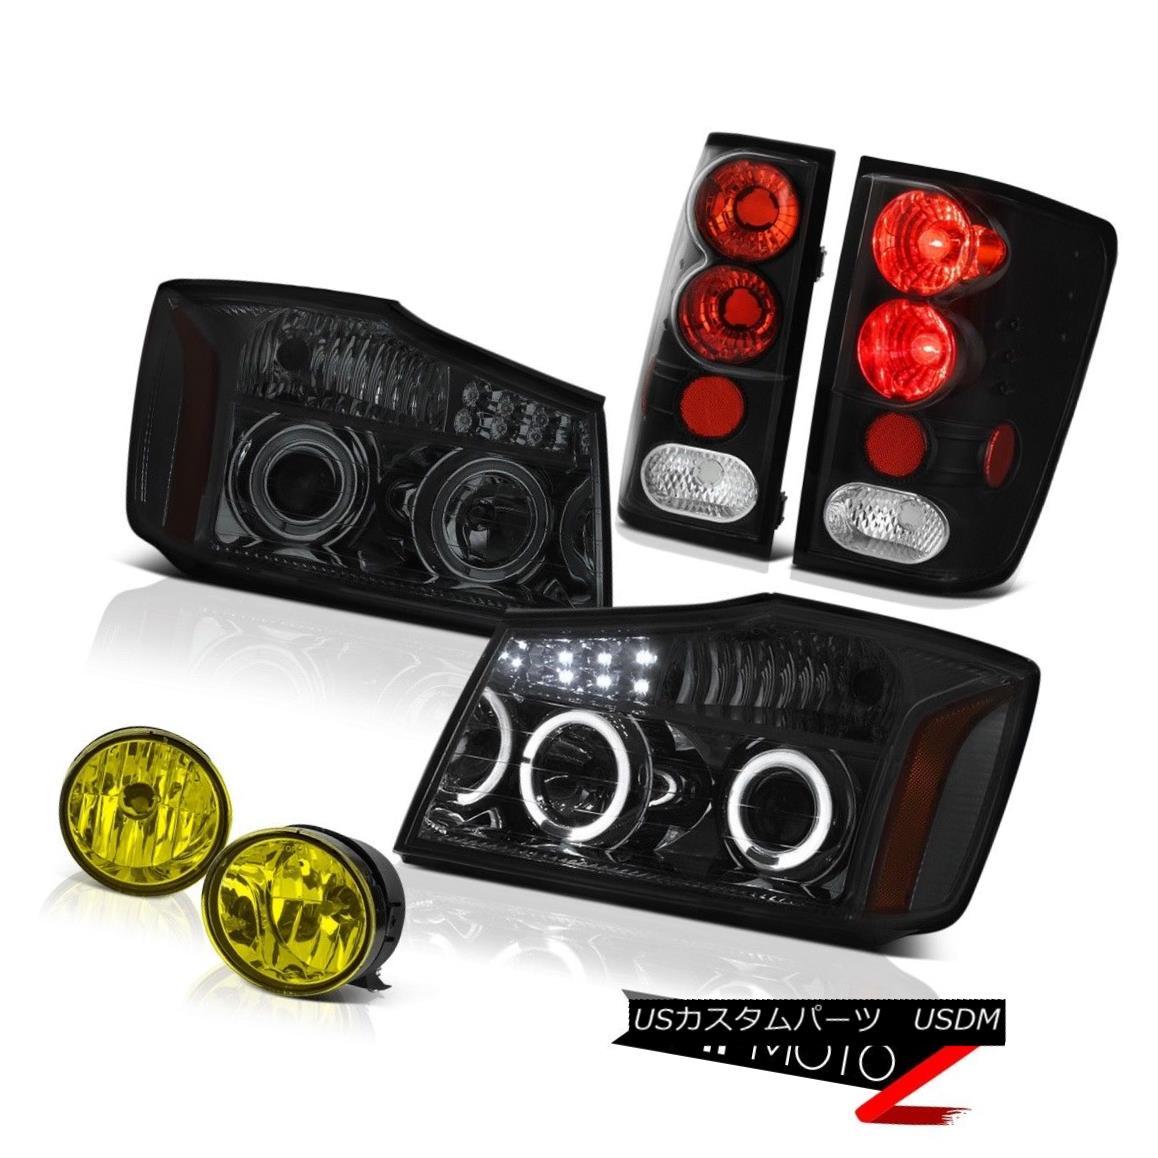 ヘッドライト For 04-15 Titan SL Halo LED Headlight Black Brake Tail Light Yellow Bumper Fog 04-15タイタンSLのためのHalo LEDヘッドライトブラックブレーキテールライトイエローバンパーフォグ